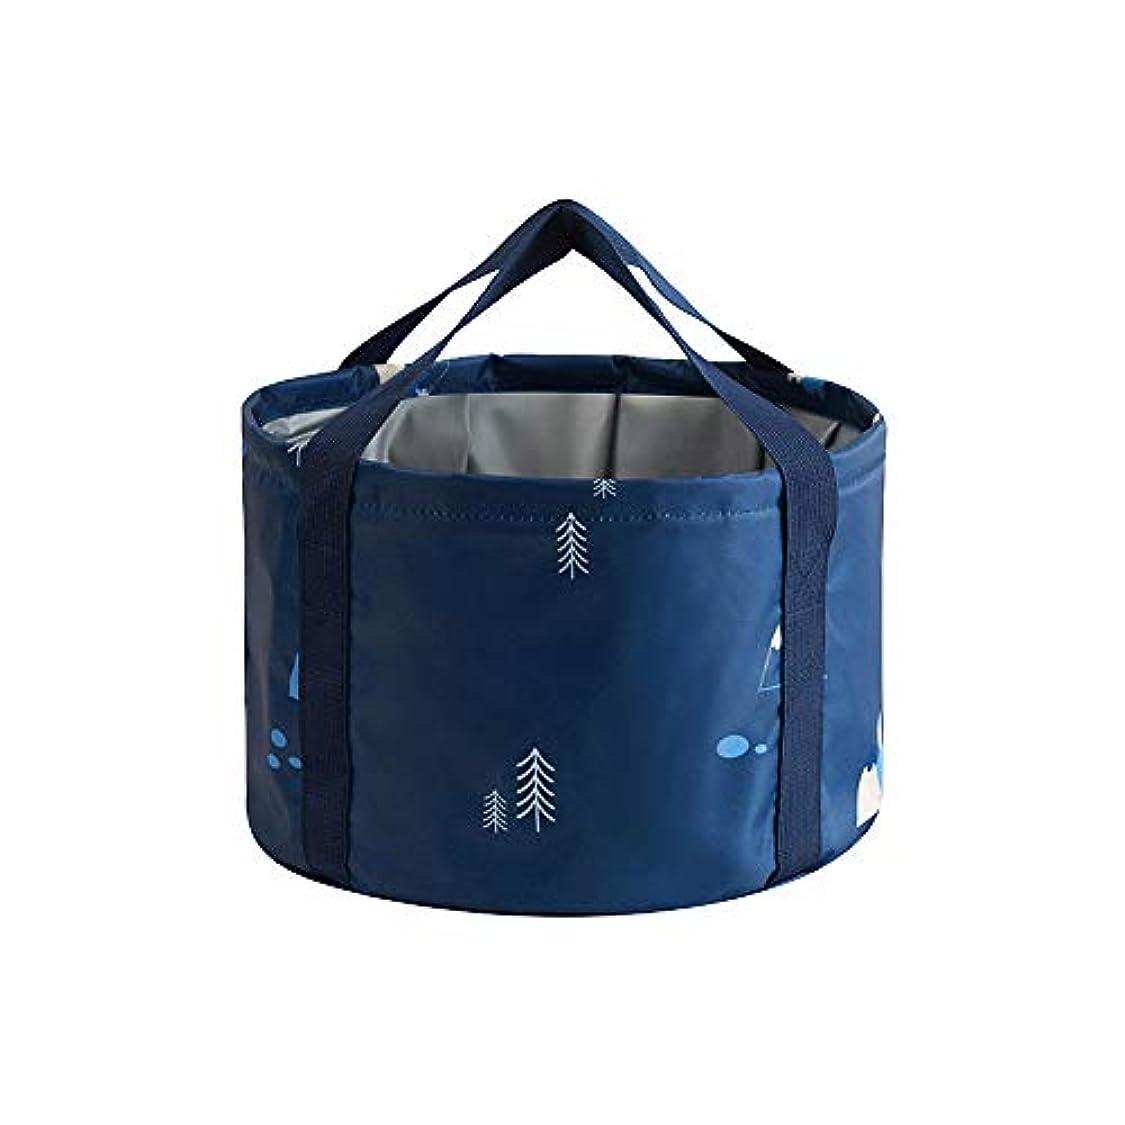 ウミウシ派手広々Xueliee 旅行用フットバッグ、フットウォッシュバケツ、折りたたみ式、洗濯槽、屋外用ウォーターバッグ、水貯蔵、収納バッグ、洗面台、ポータブル、大 (35 x 26cm,5色)